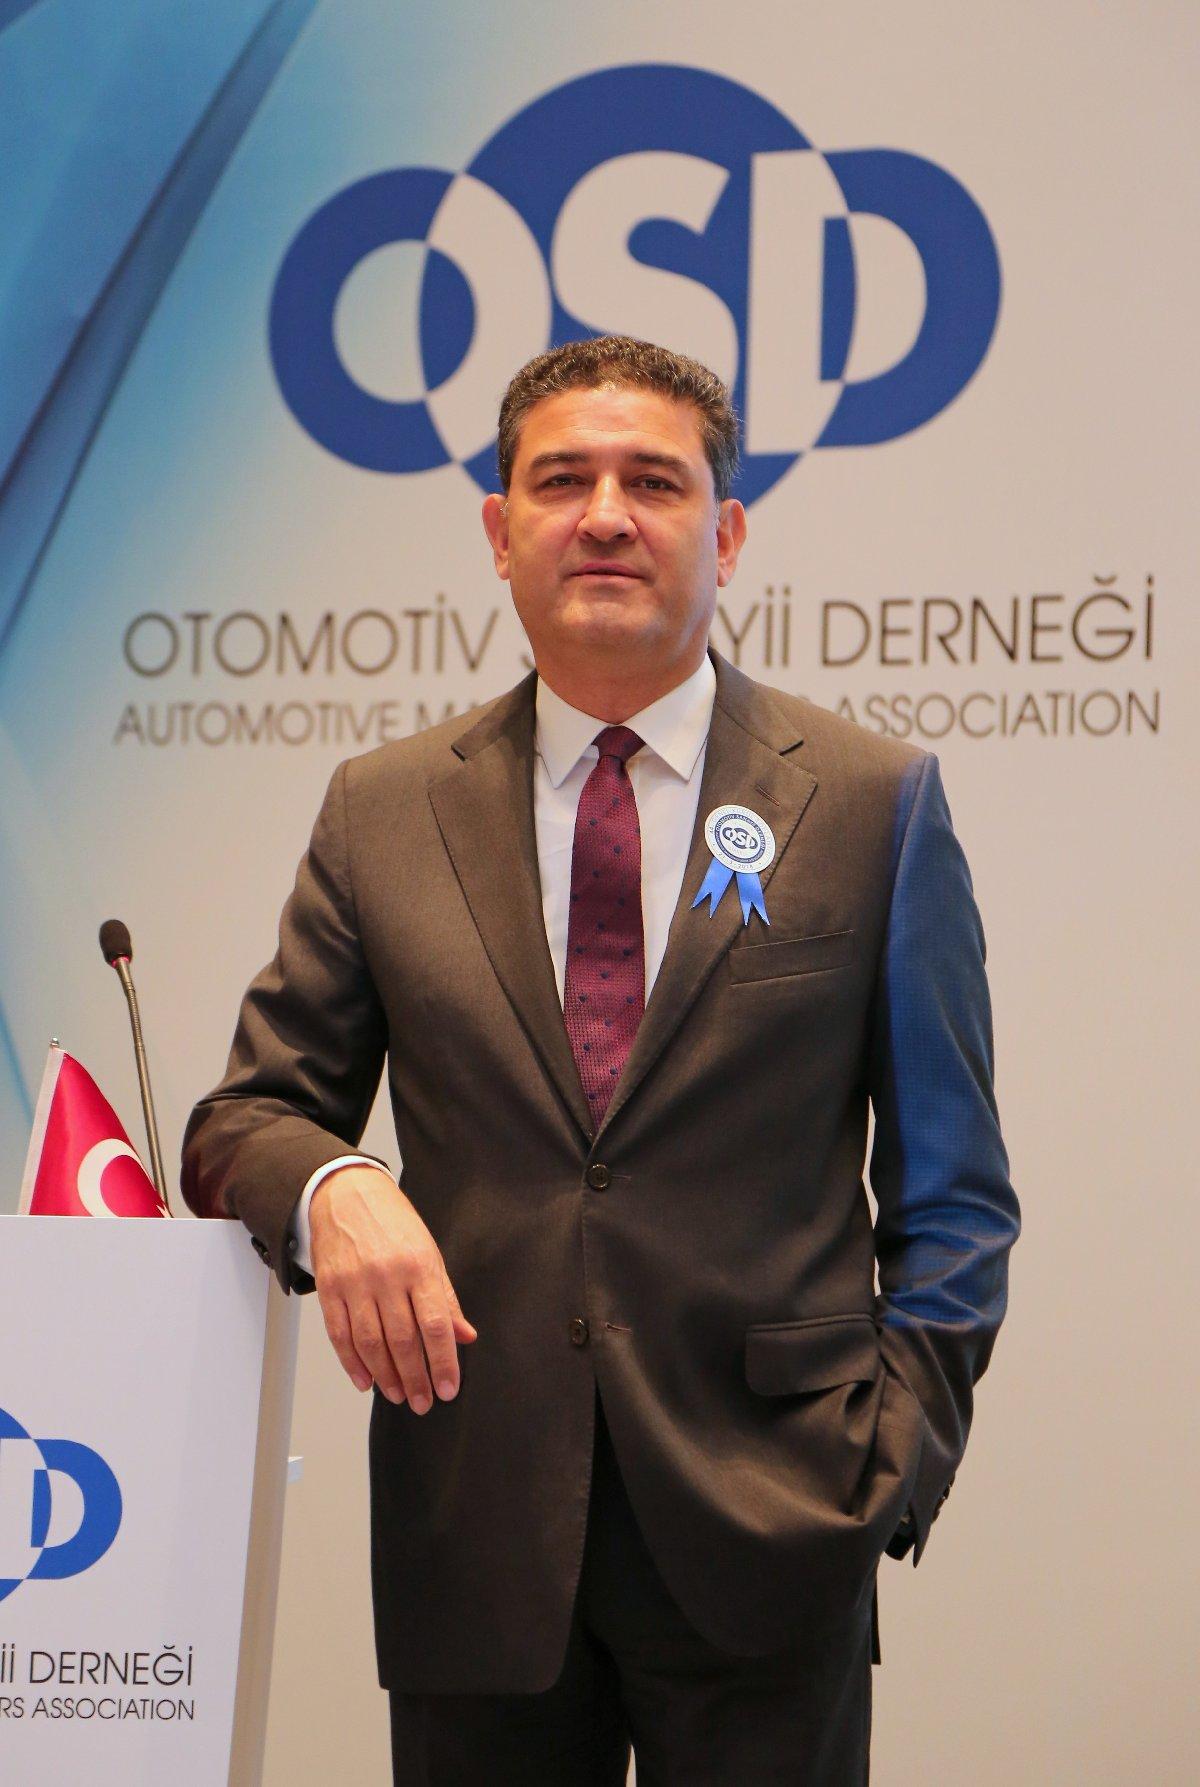 Otomotiv Sanayii Derneği (OSD) Yönetim Kurulu Başkanı Haydar Yenigün